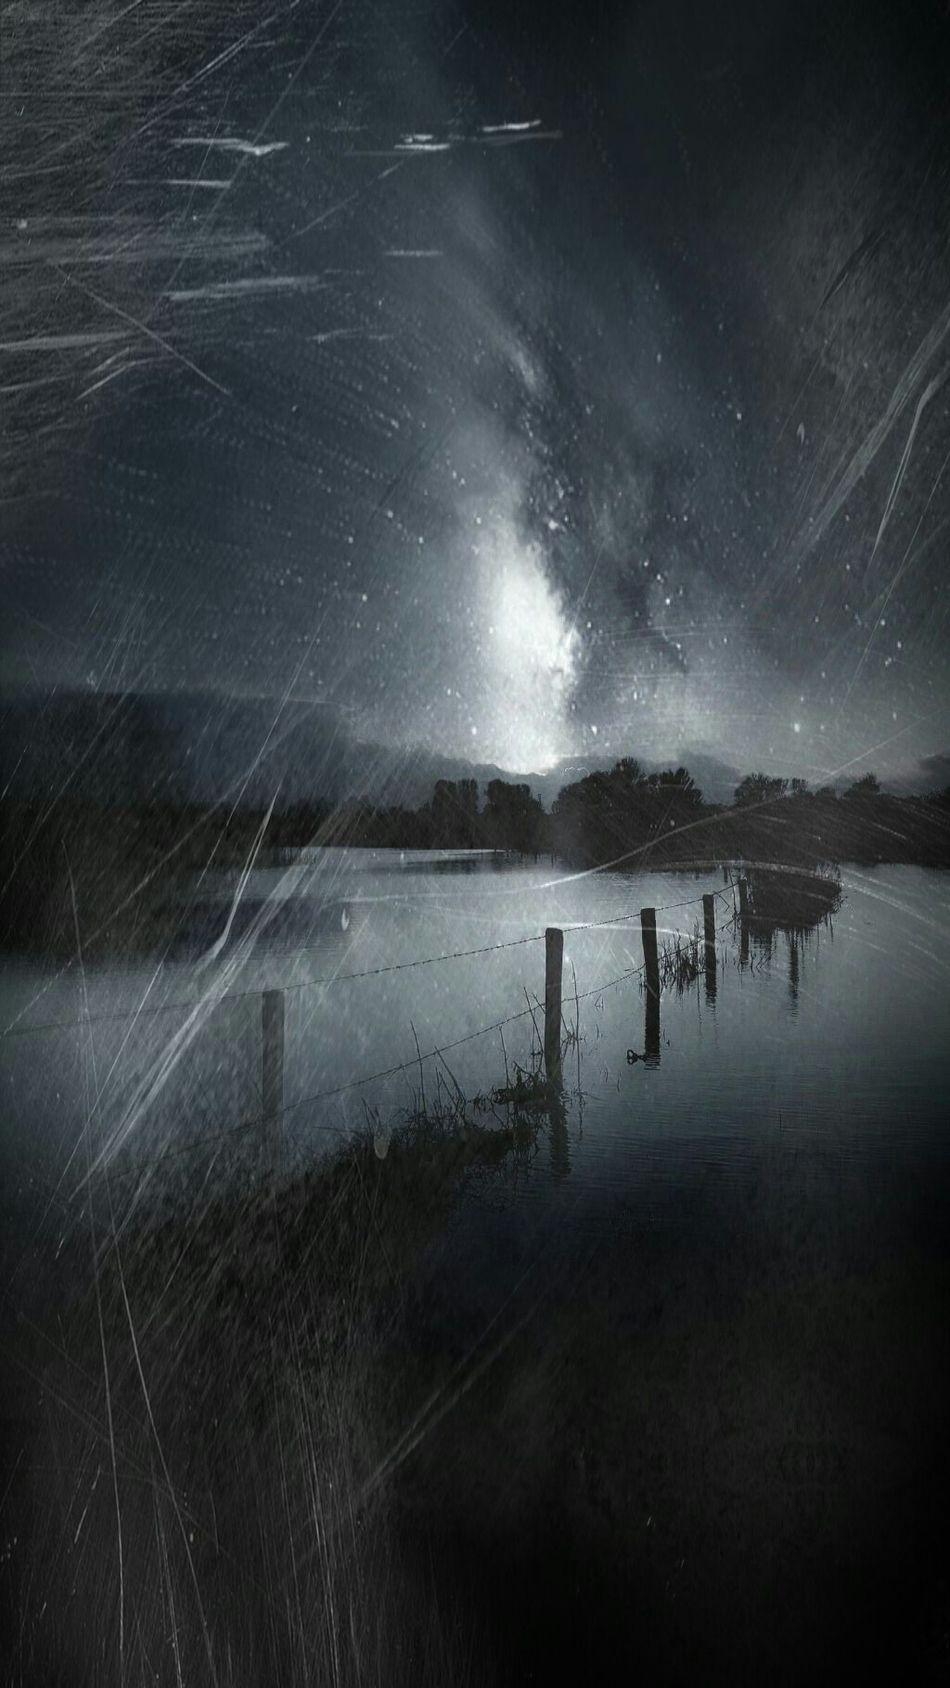 Night Nightsky Galaxia